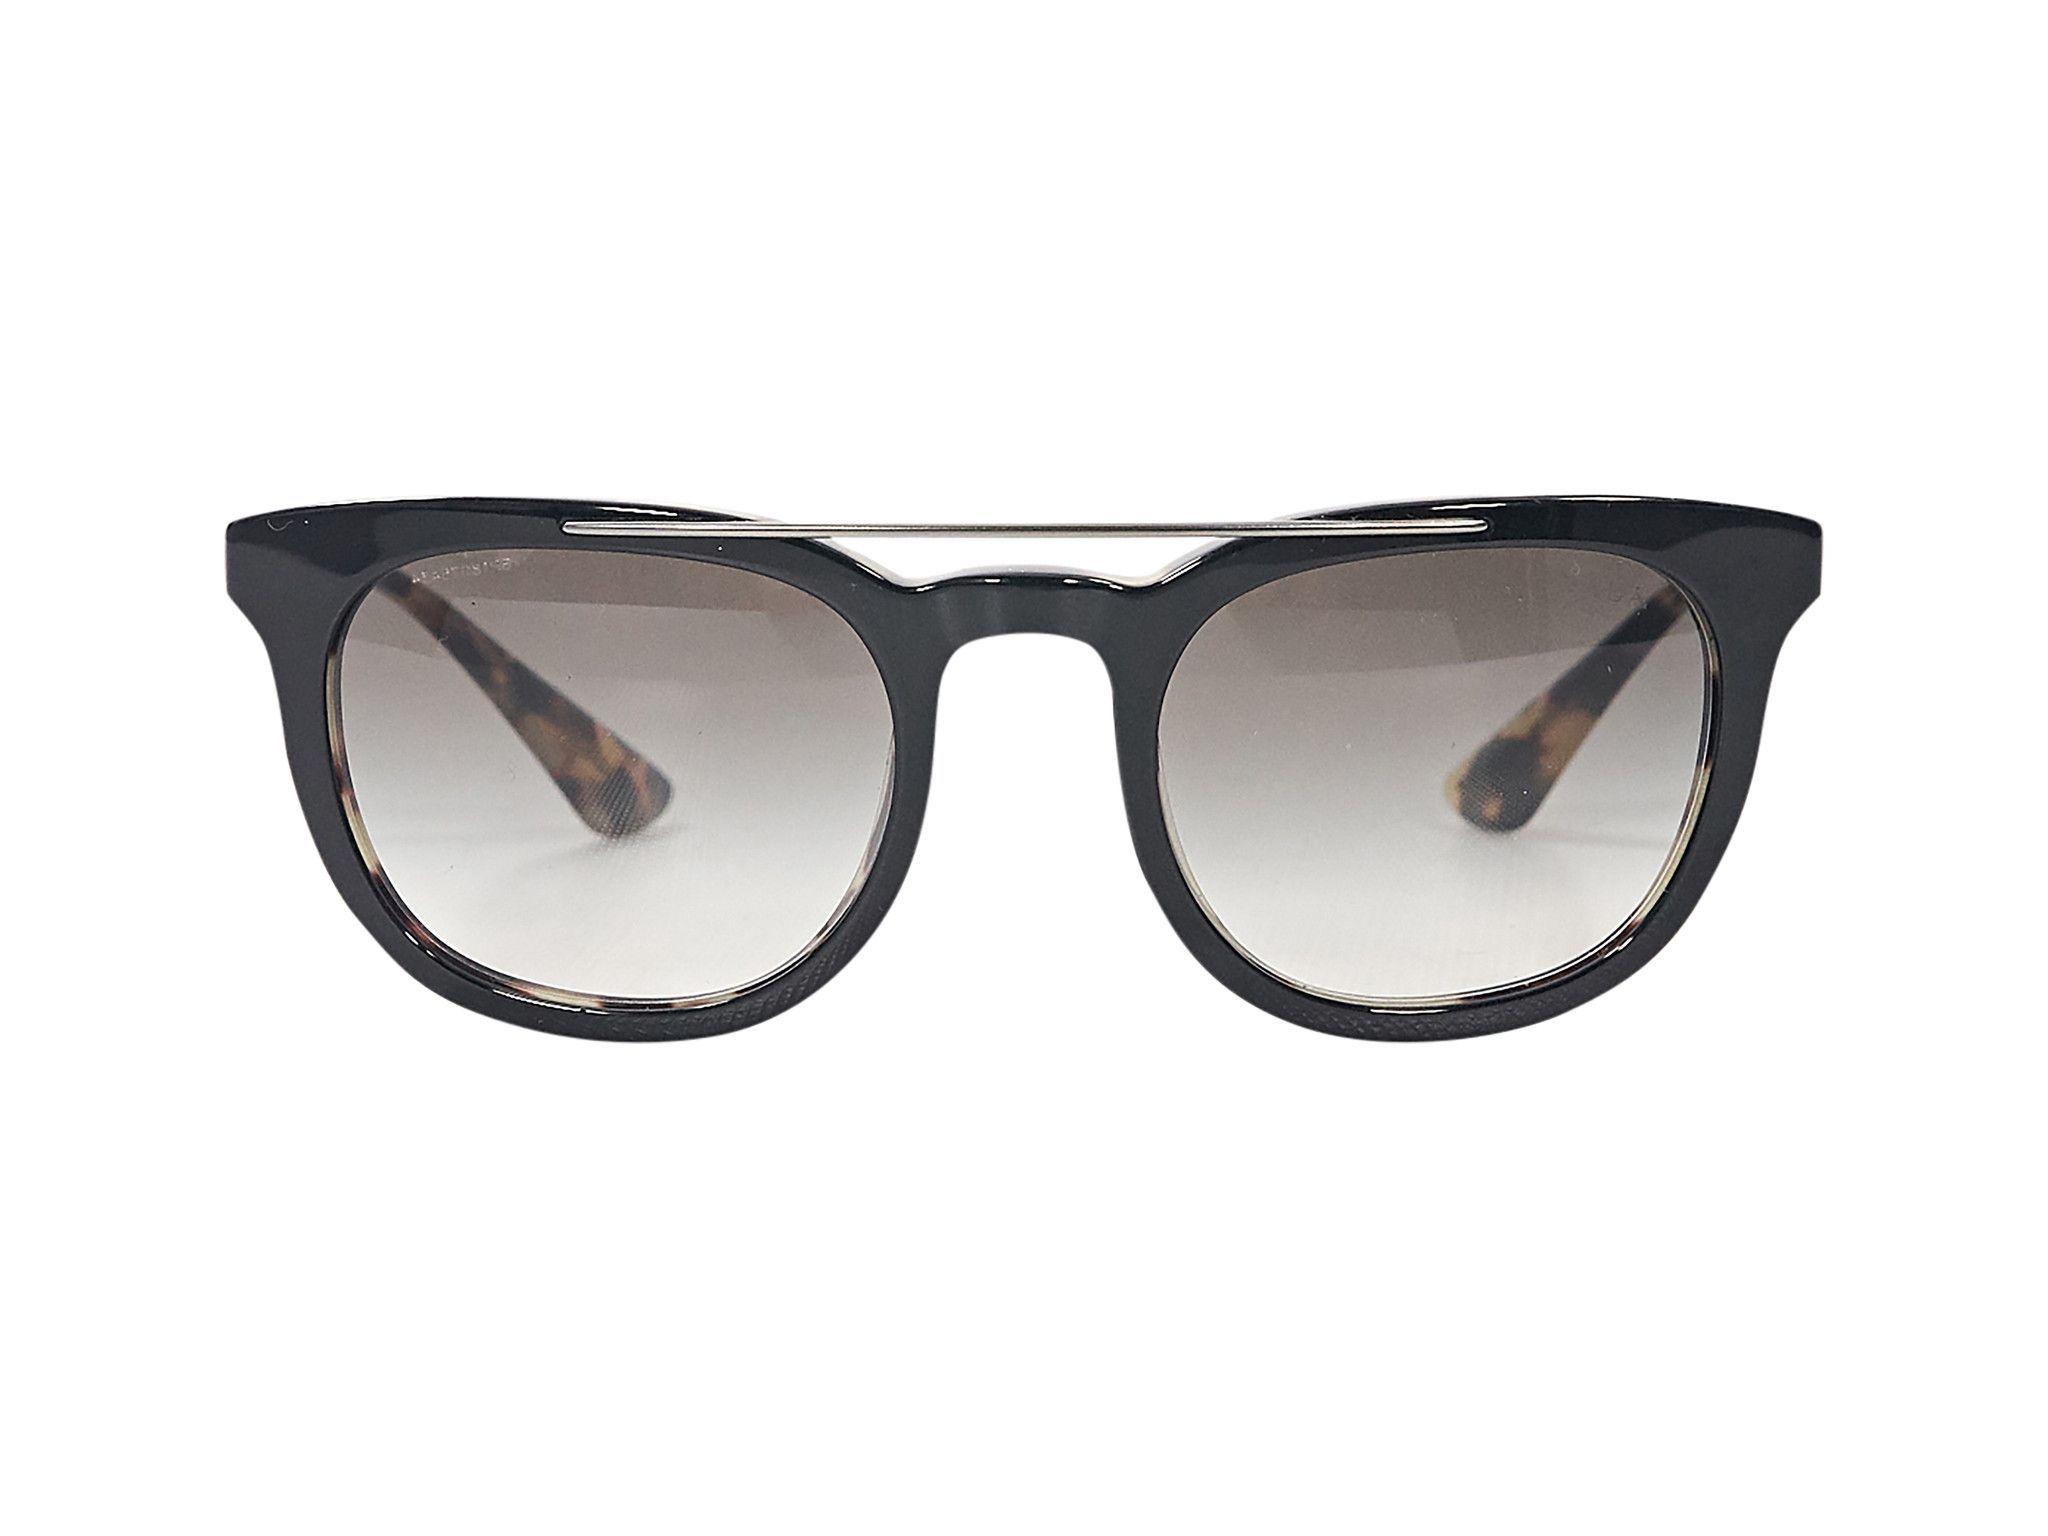 57995d484de1 ... ireland black prada clubmaster sunglasses c4e4e 72264